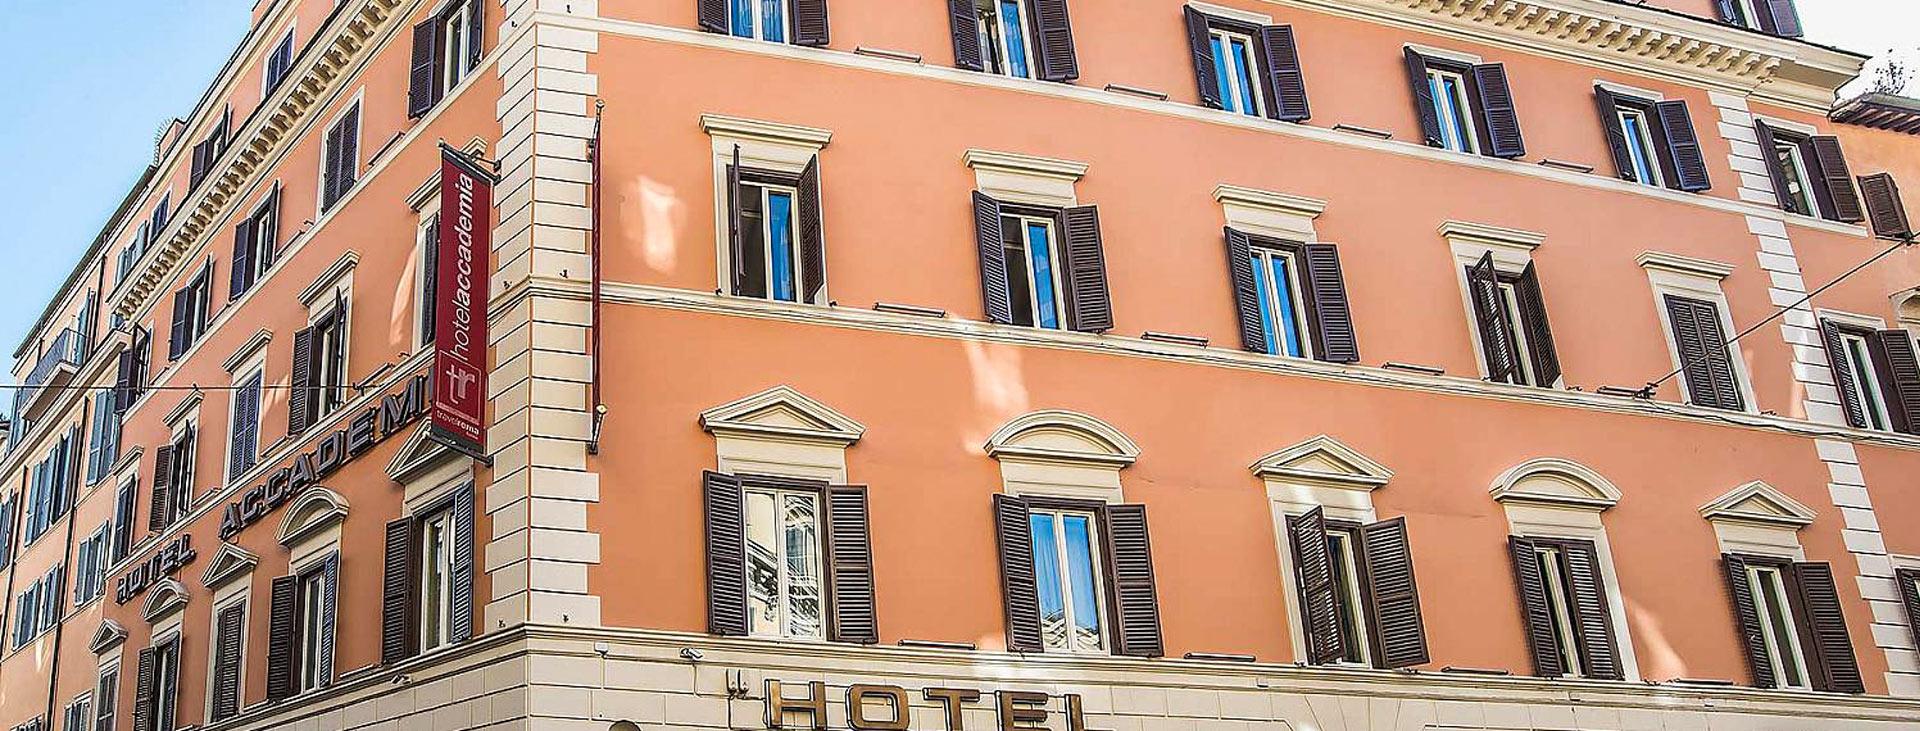 Accademia, Rooma, Italia